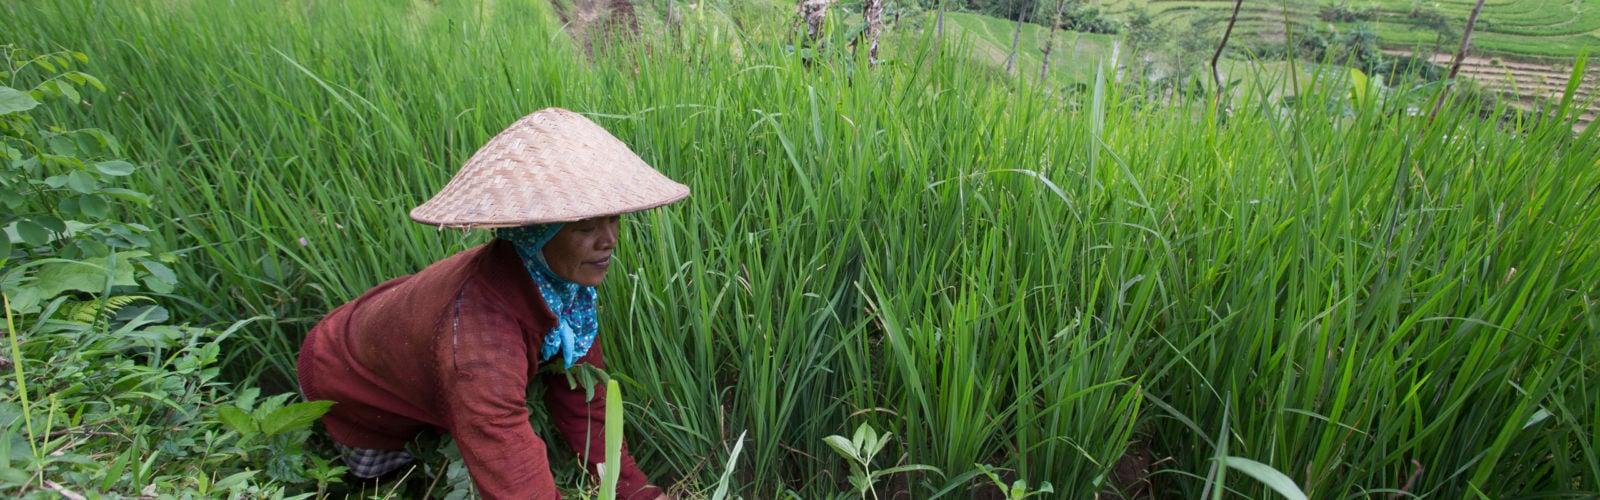 amanjiwo-rice-field-worker